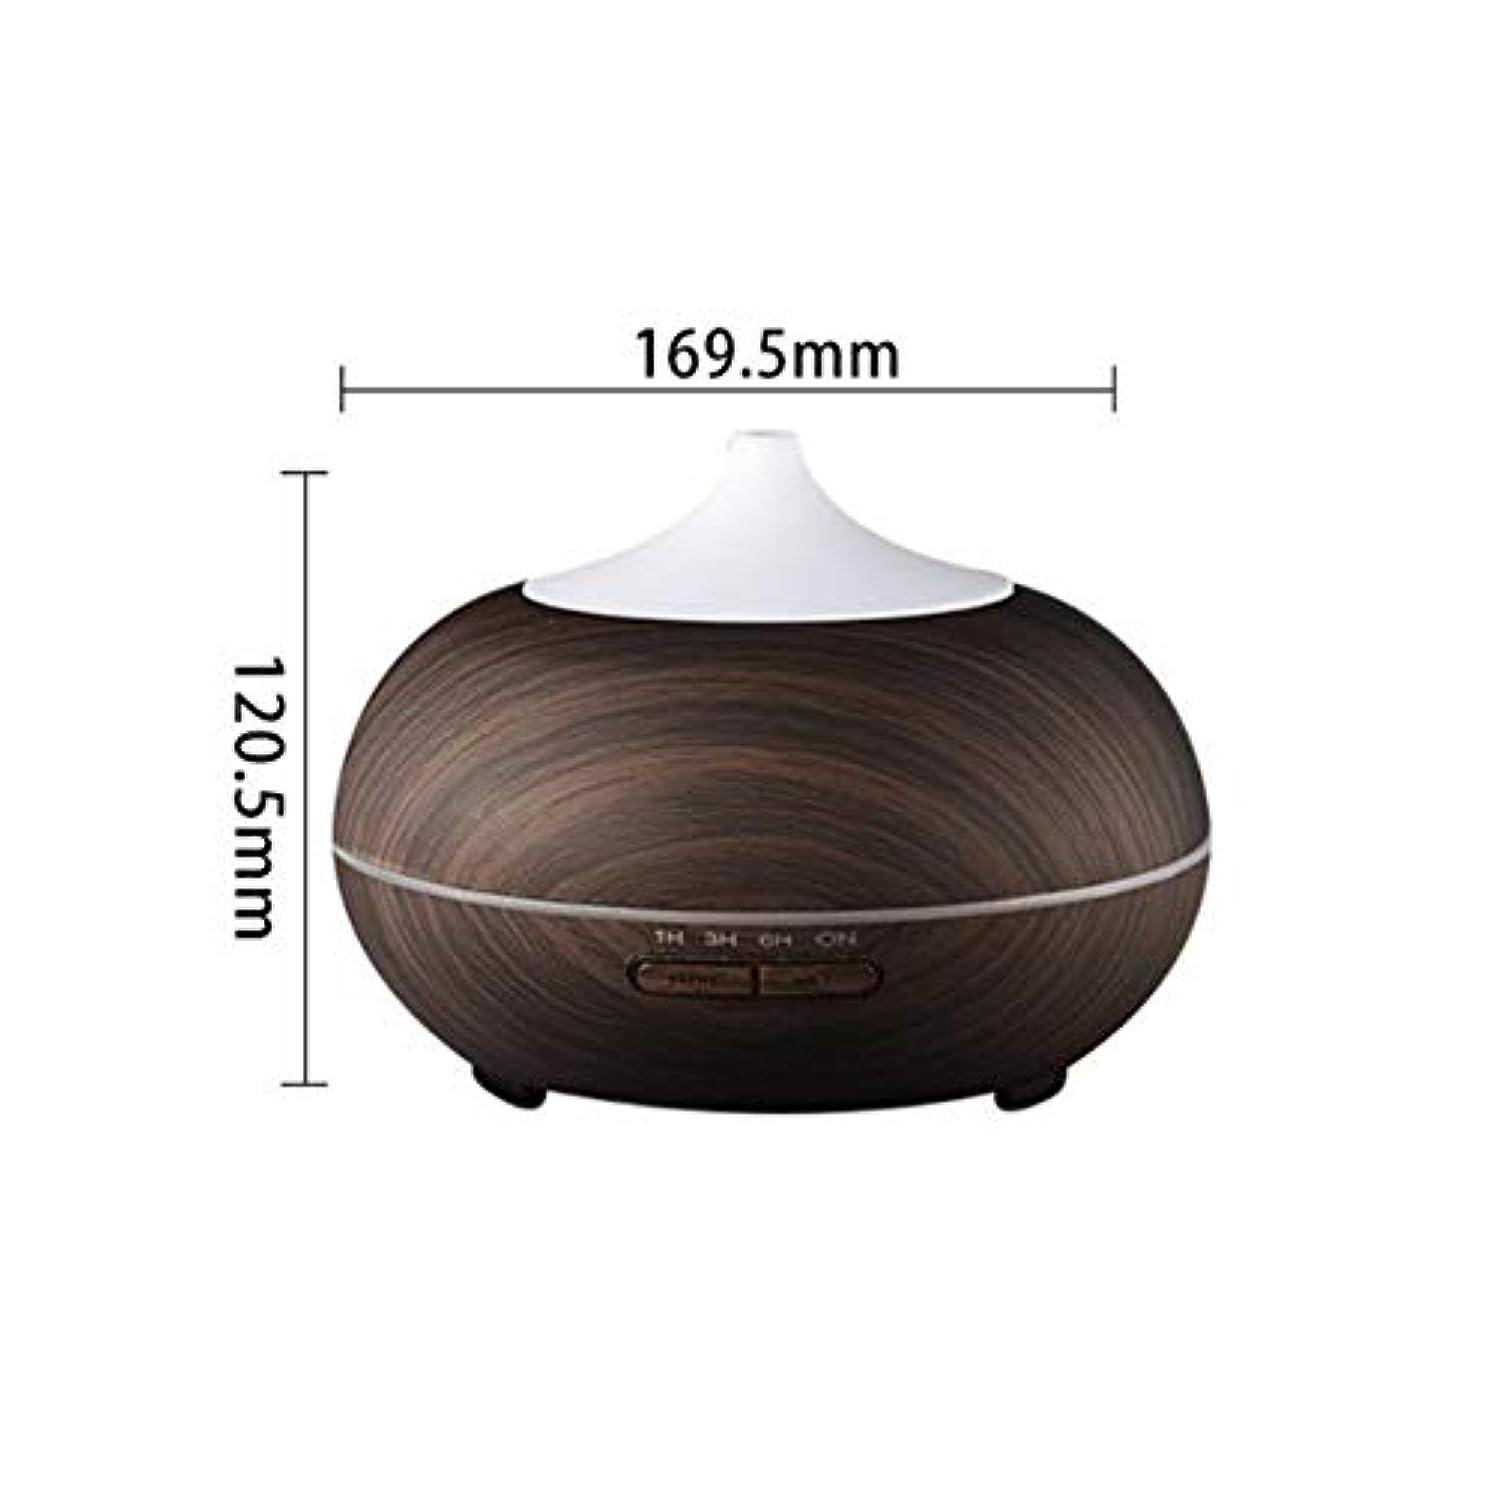 免除するスズメバチ抵当木目 涼しい霧 加湿器,7 色 空気を浄化 加湿機 時間 手動 Wifiアプリコントロール 精油 ディフューザー アロマネブライザー Yoga- 300ml